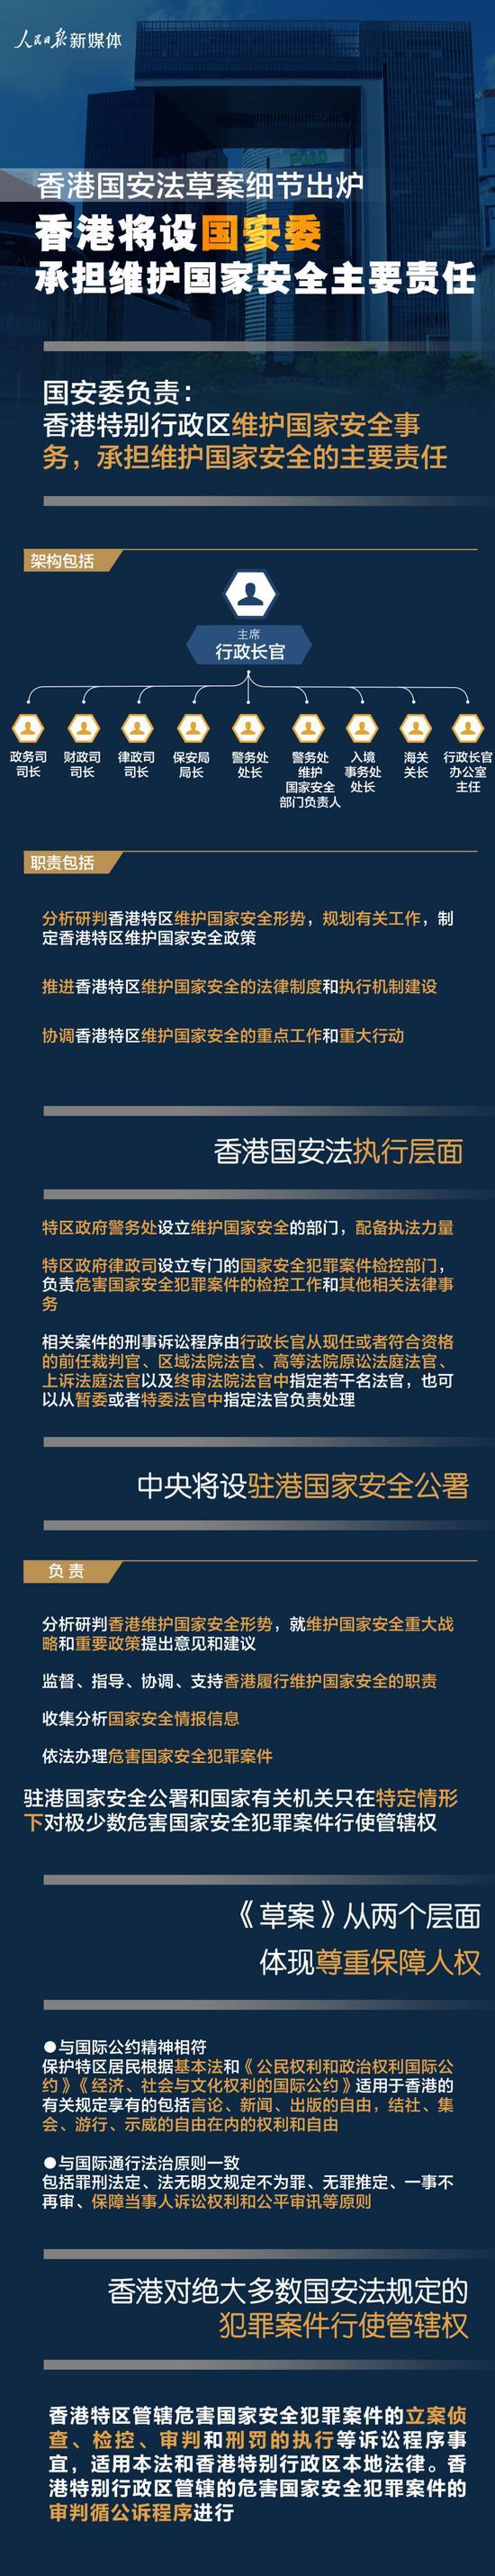 香港国安法草案一图概览图片